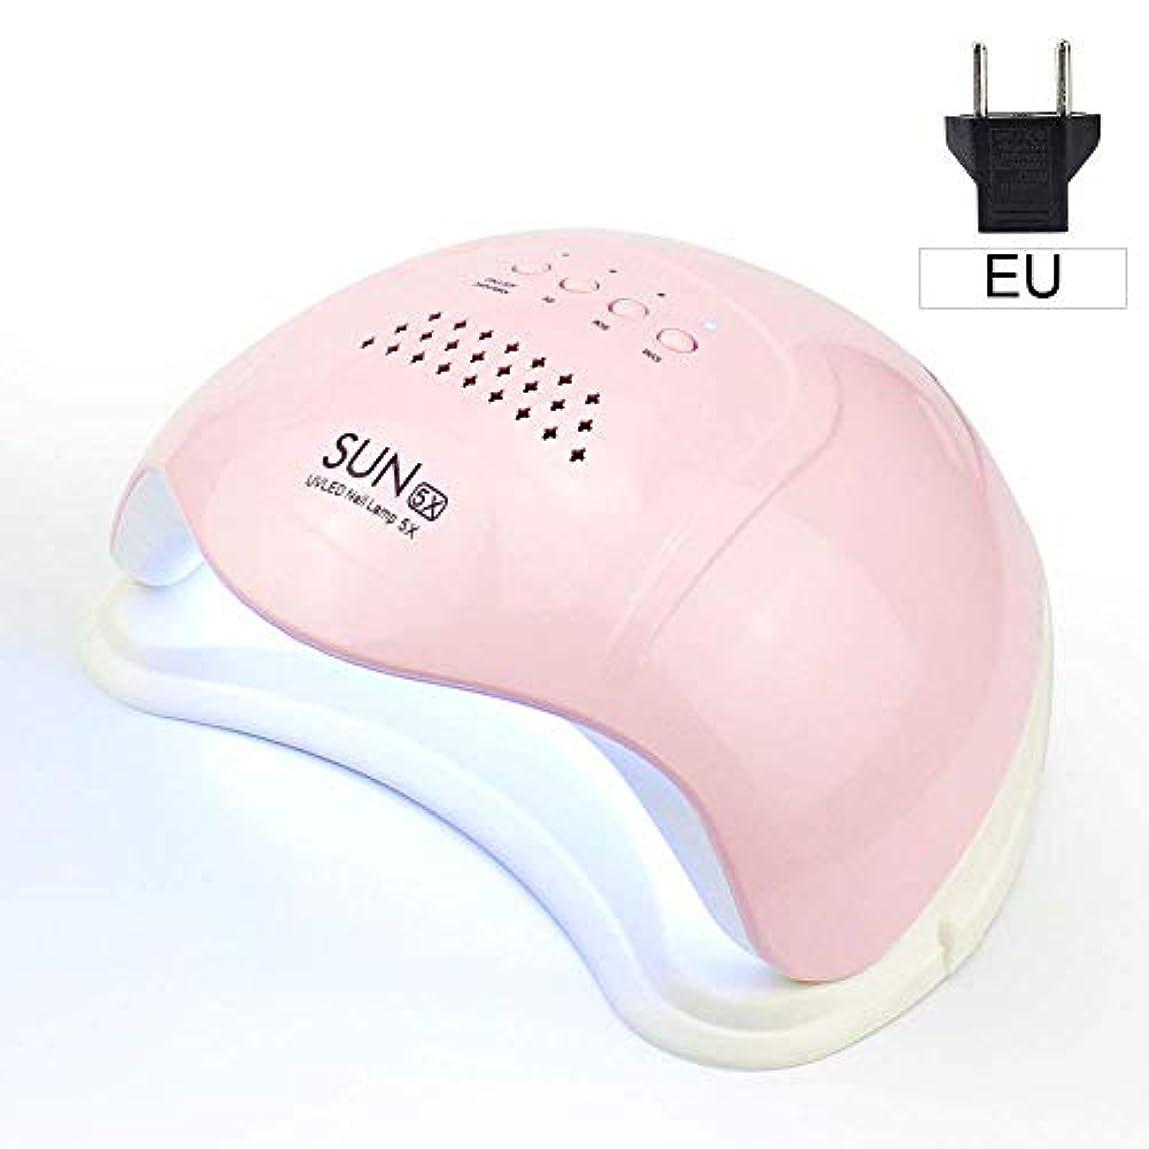 確かめる気候の山商標ネイルランプ省エネと環境保護ネイル光線療法機LED UVネイルツールネイルベーキングランプ、ピンク (Color : Pink)